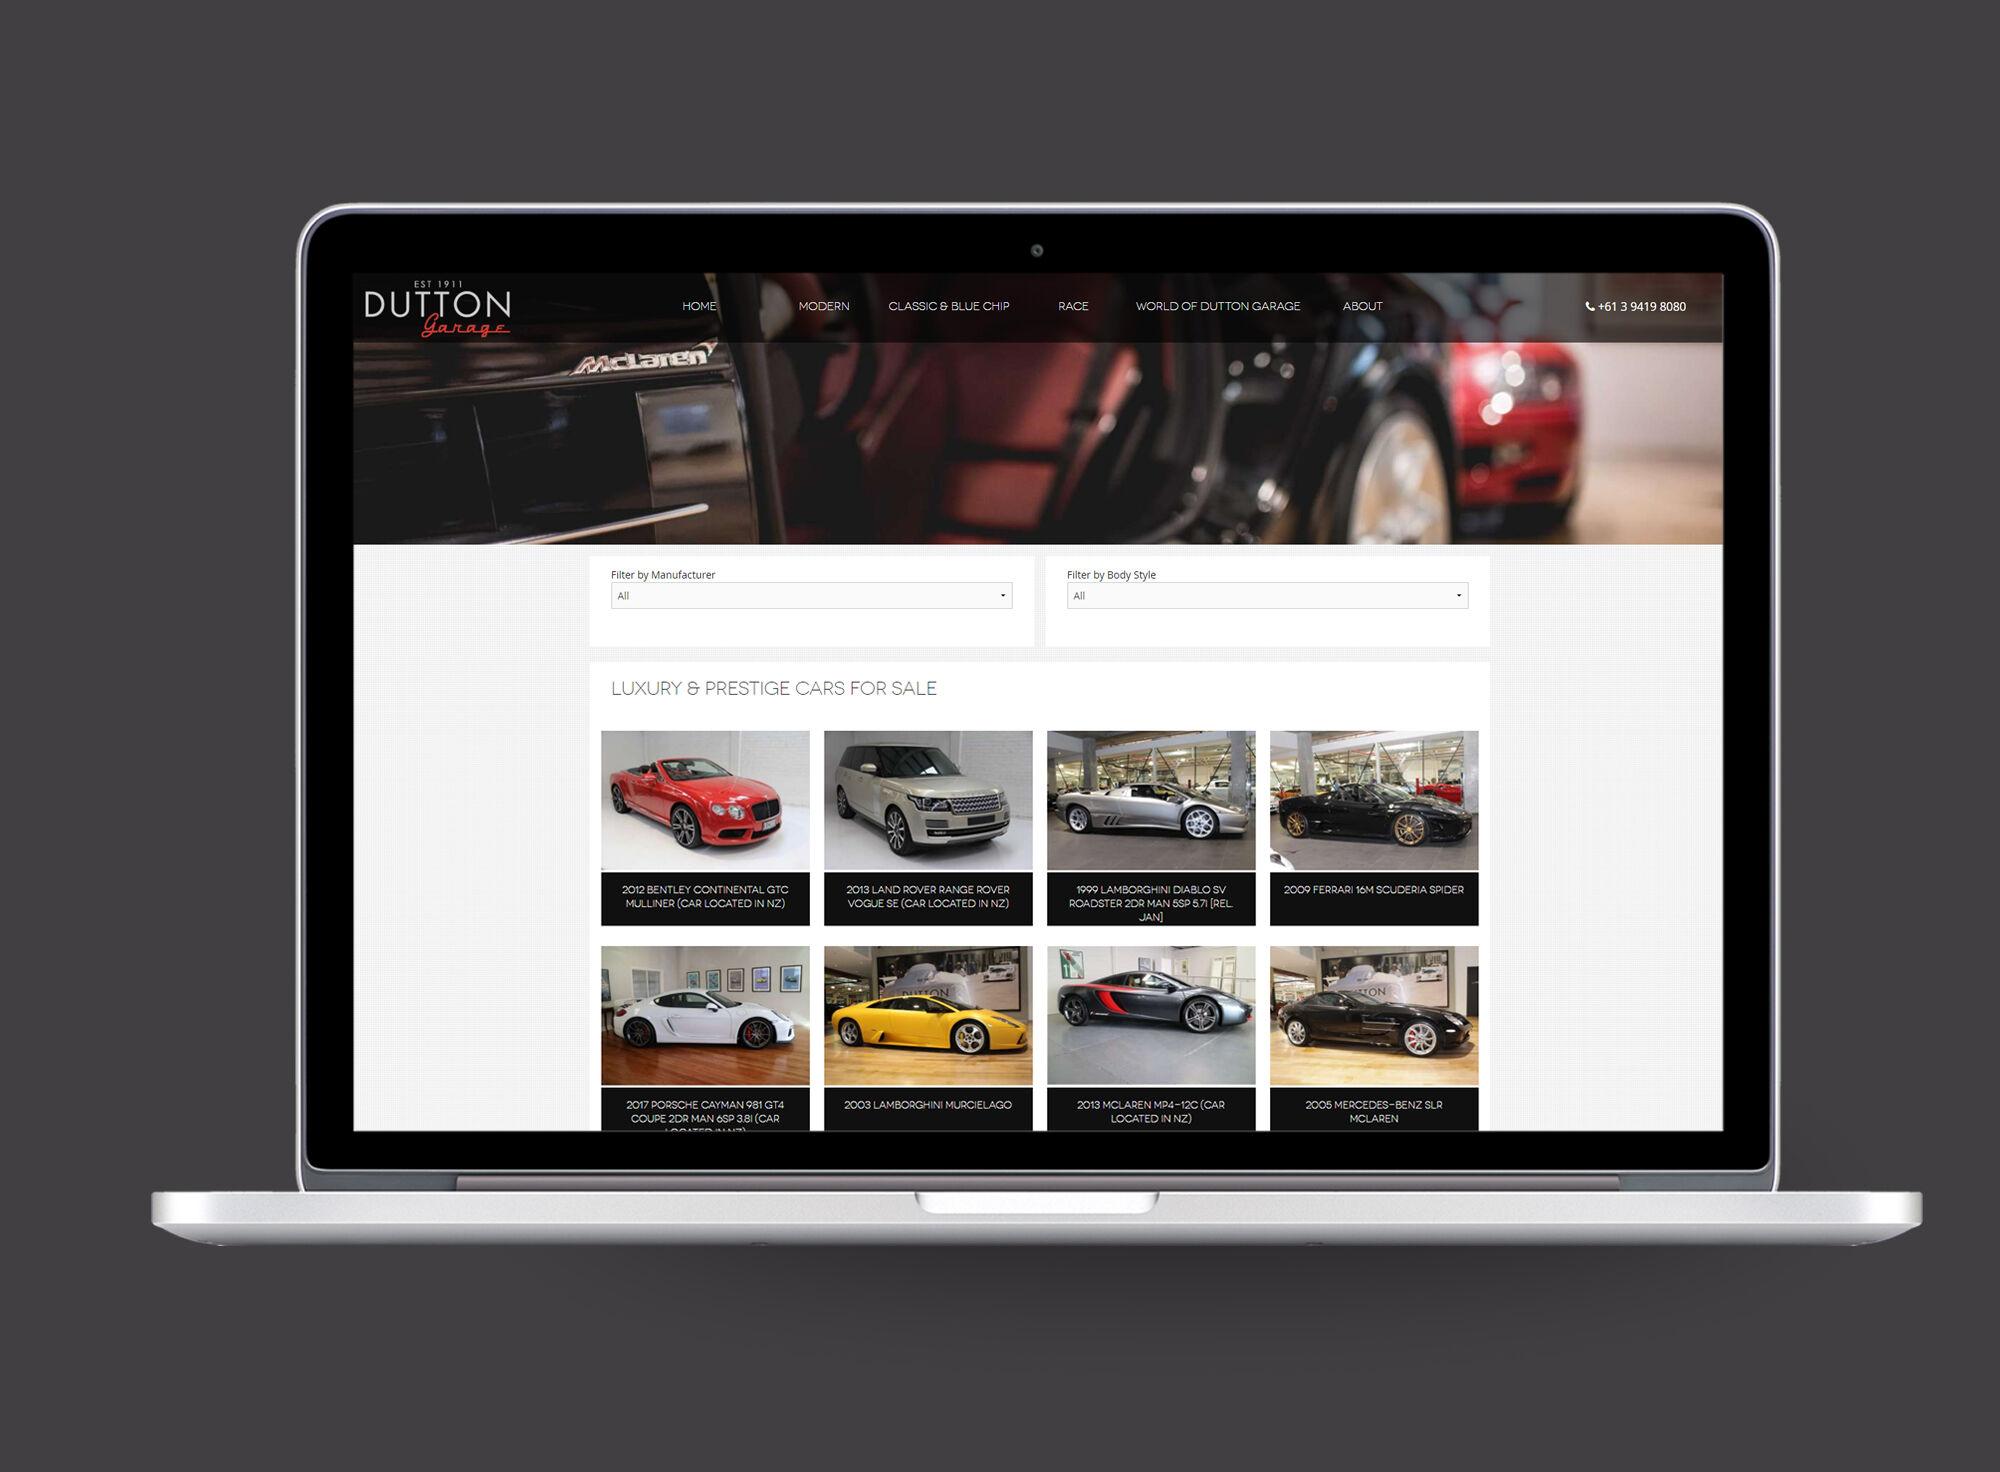 Dutton Garage laptop